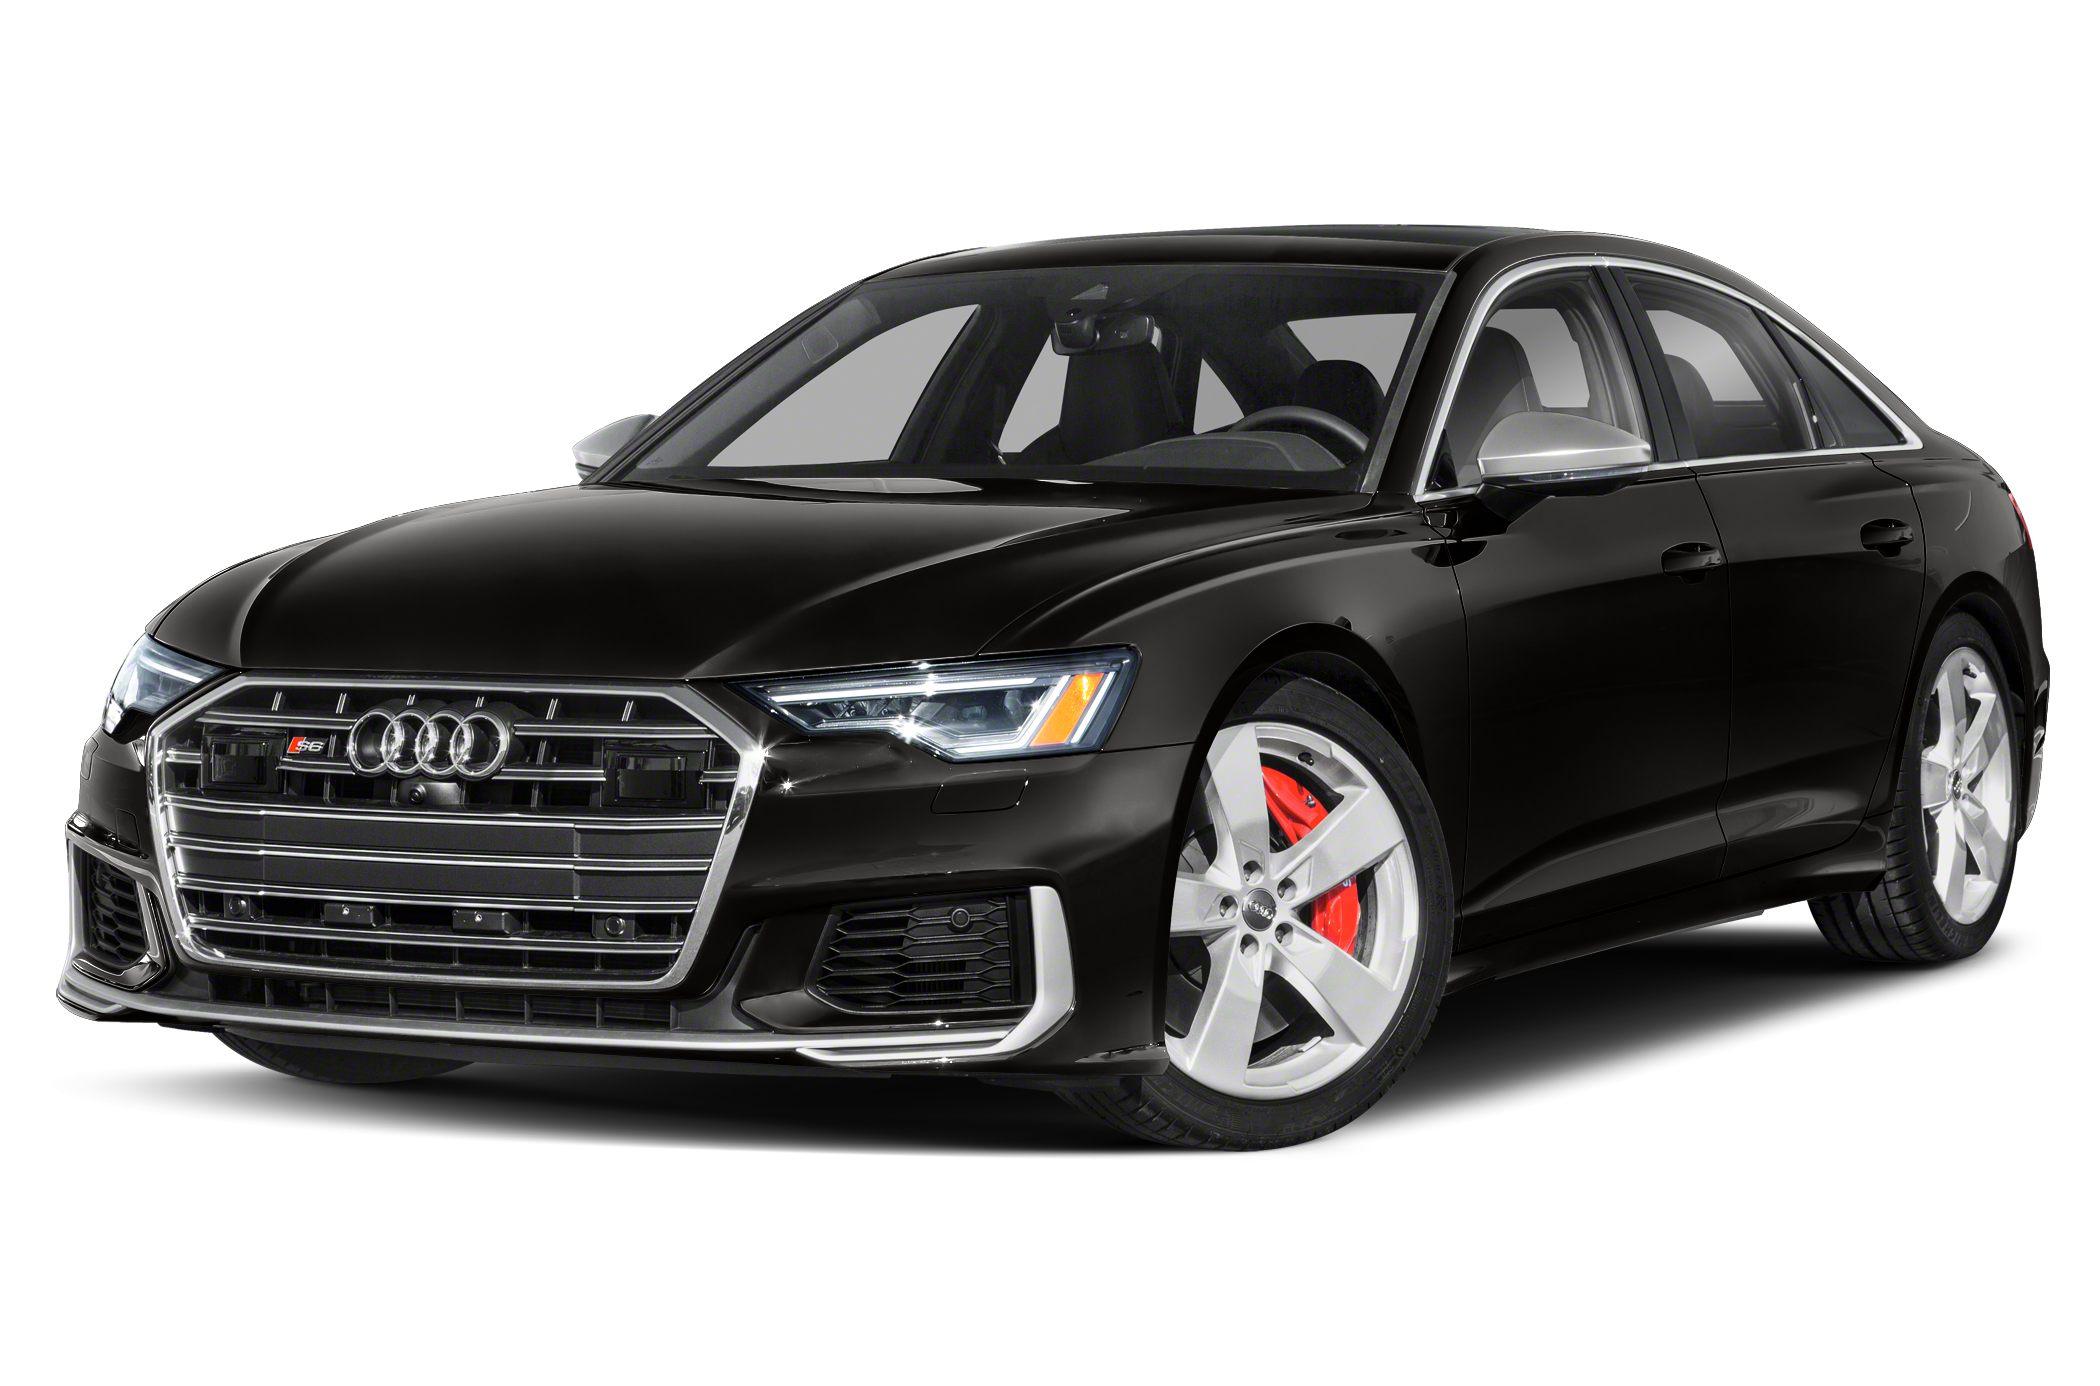 2020 Audi S6 Review.2020 Audi S6 2 9t Premium Plus 4dr All Wheel Drive Quattro Sedan Specs And Prices